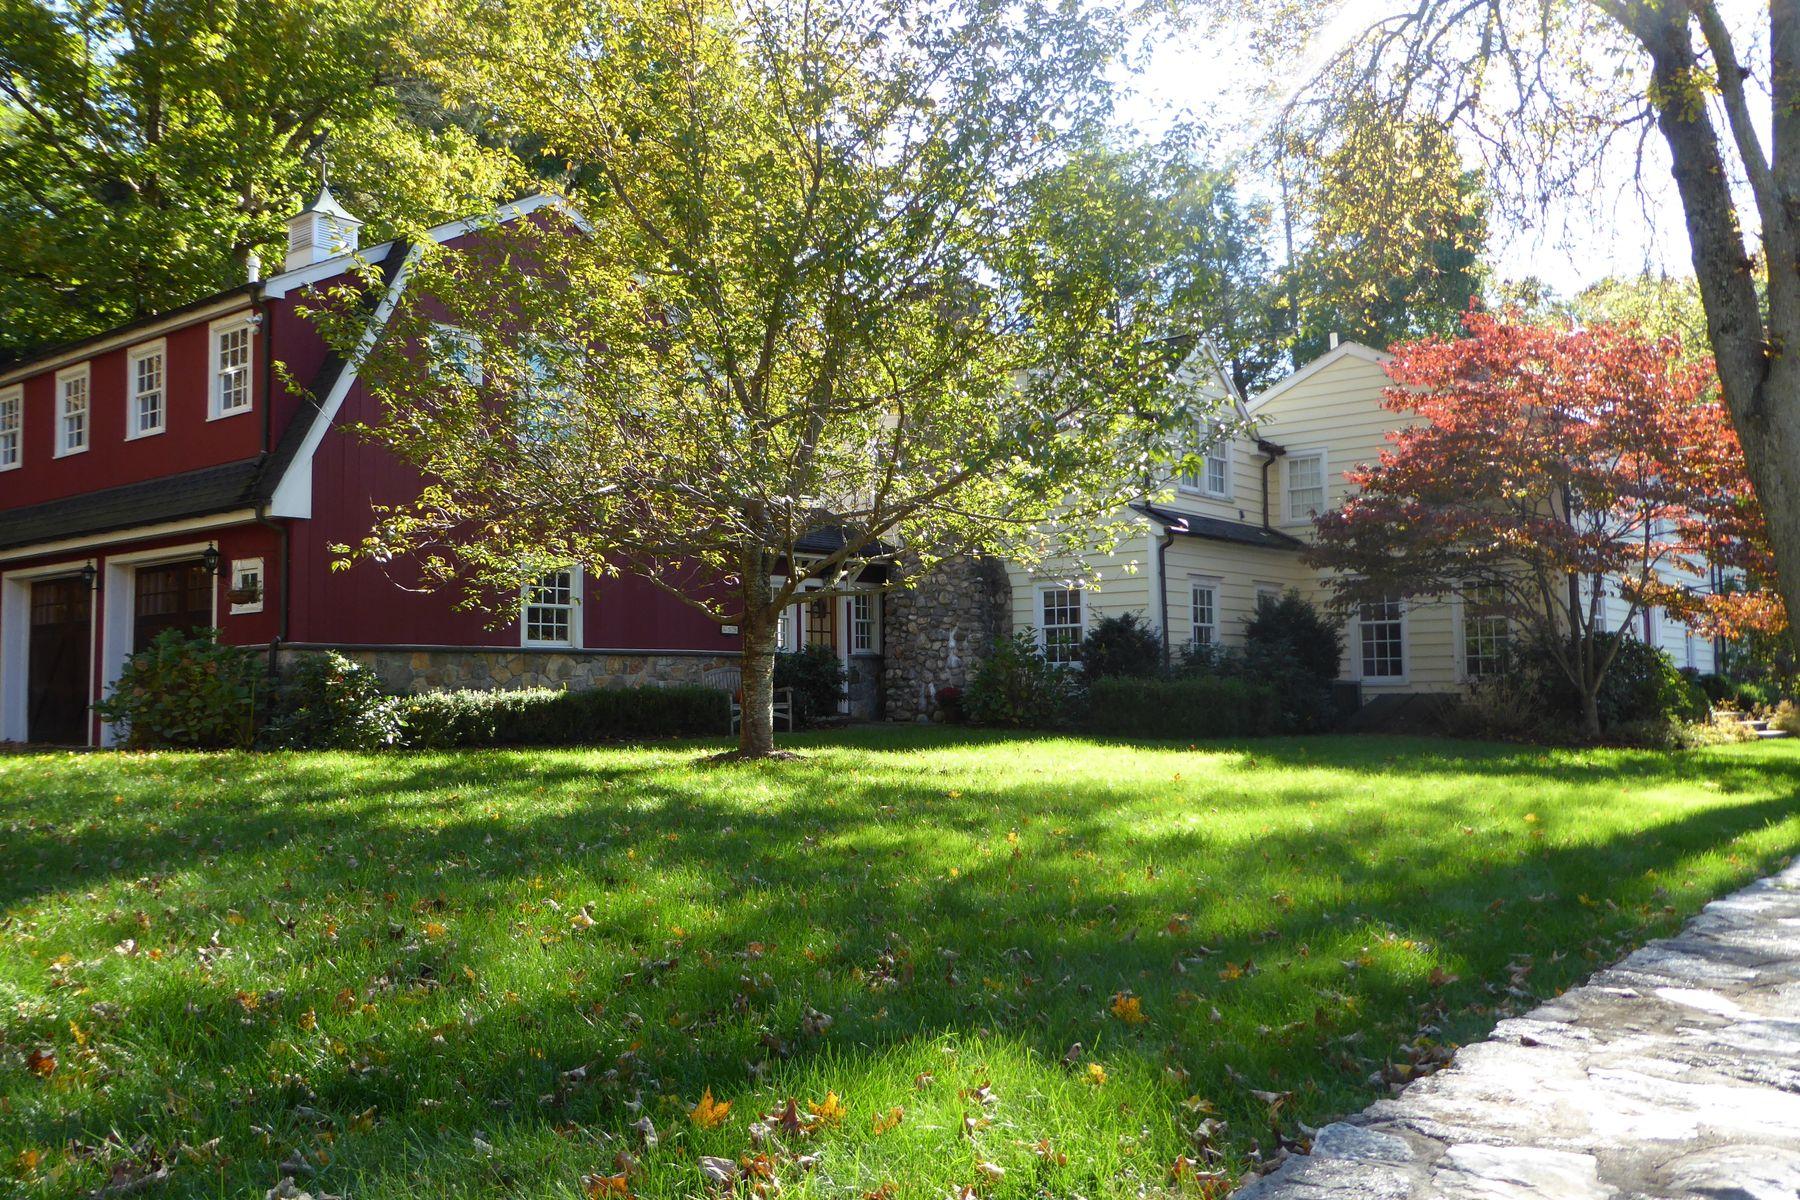 Частный односемейный дом для того Продажа на A home is a lot more than a center hall 659 River Road Cos Cob, Коннектикут 06807 Соединенные Штаты